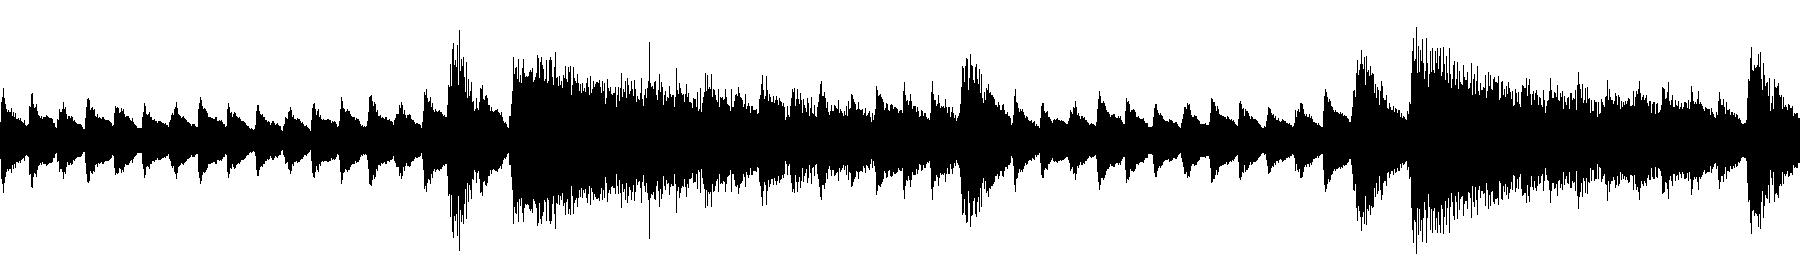 80 c piano youaintg 02